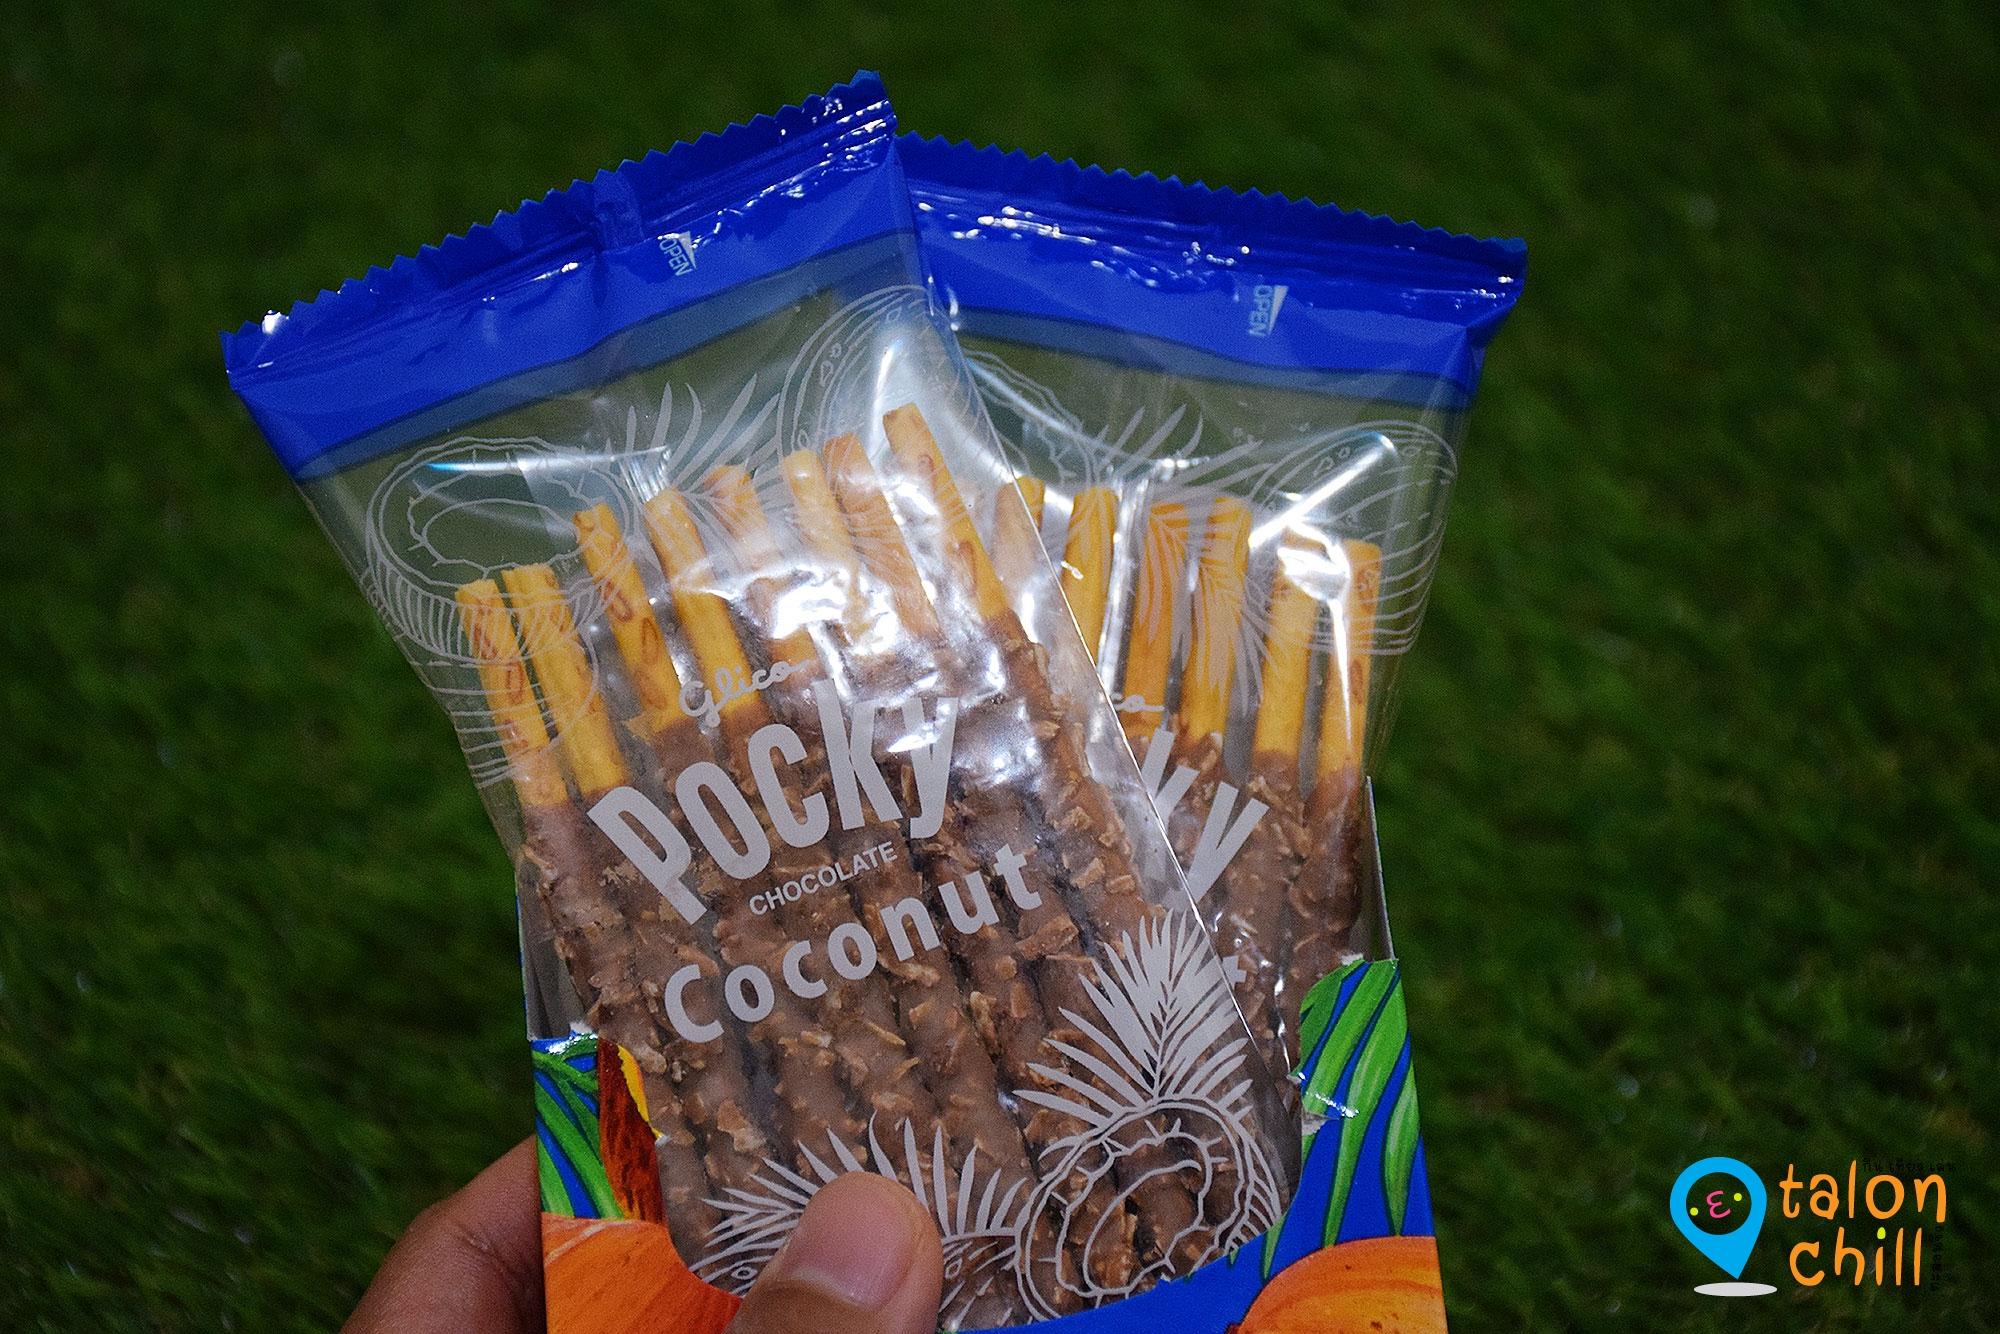 [แกะขนมป็อกกี้รีวิว] บิสกิตแท่งเคลือบช็อกโกแลตนมผสมเกล็ดมะพร้าว (Pocky Chocolate Coconut)